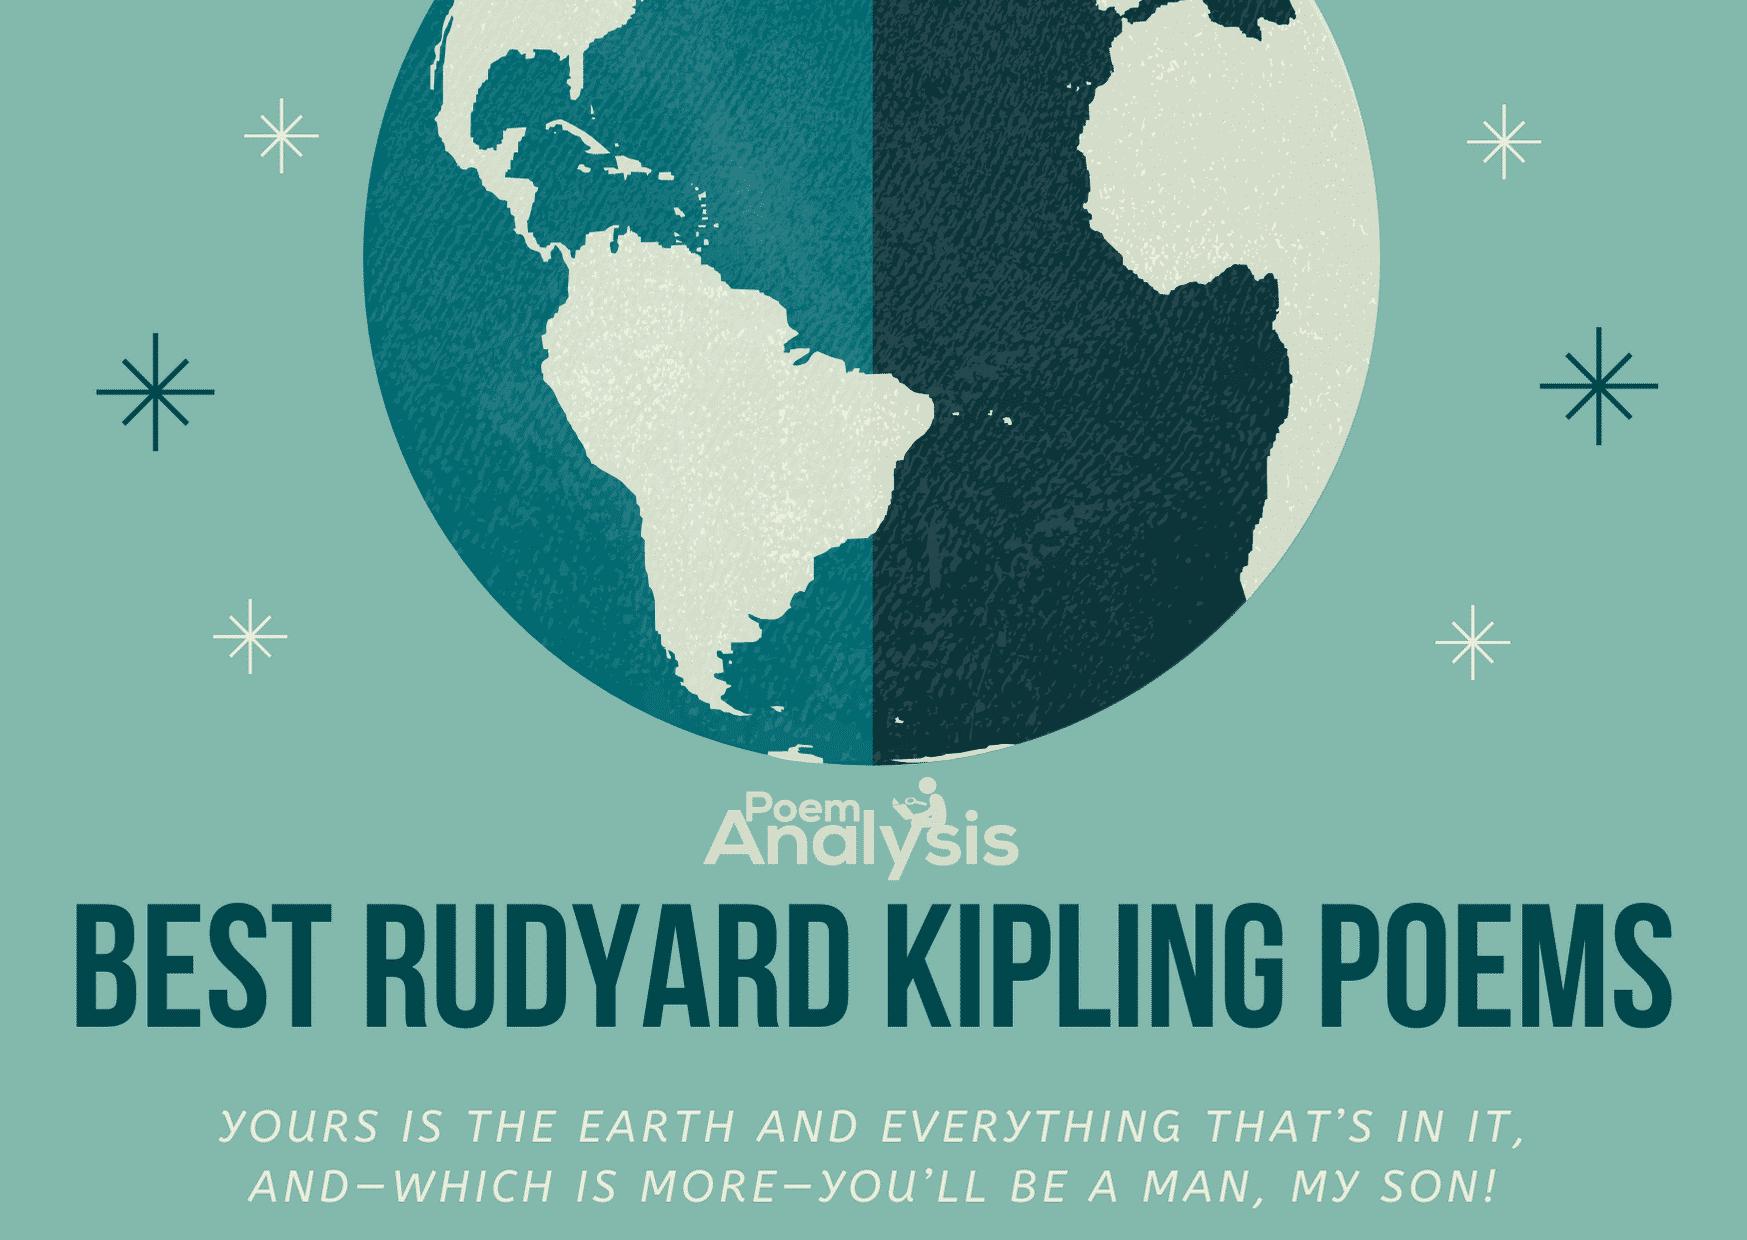 10 Of The Best Rudyard Kipling Poems Poet Lovers Must Read